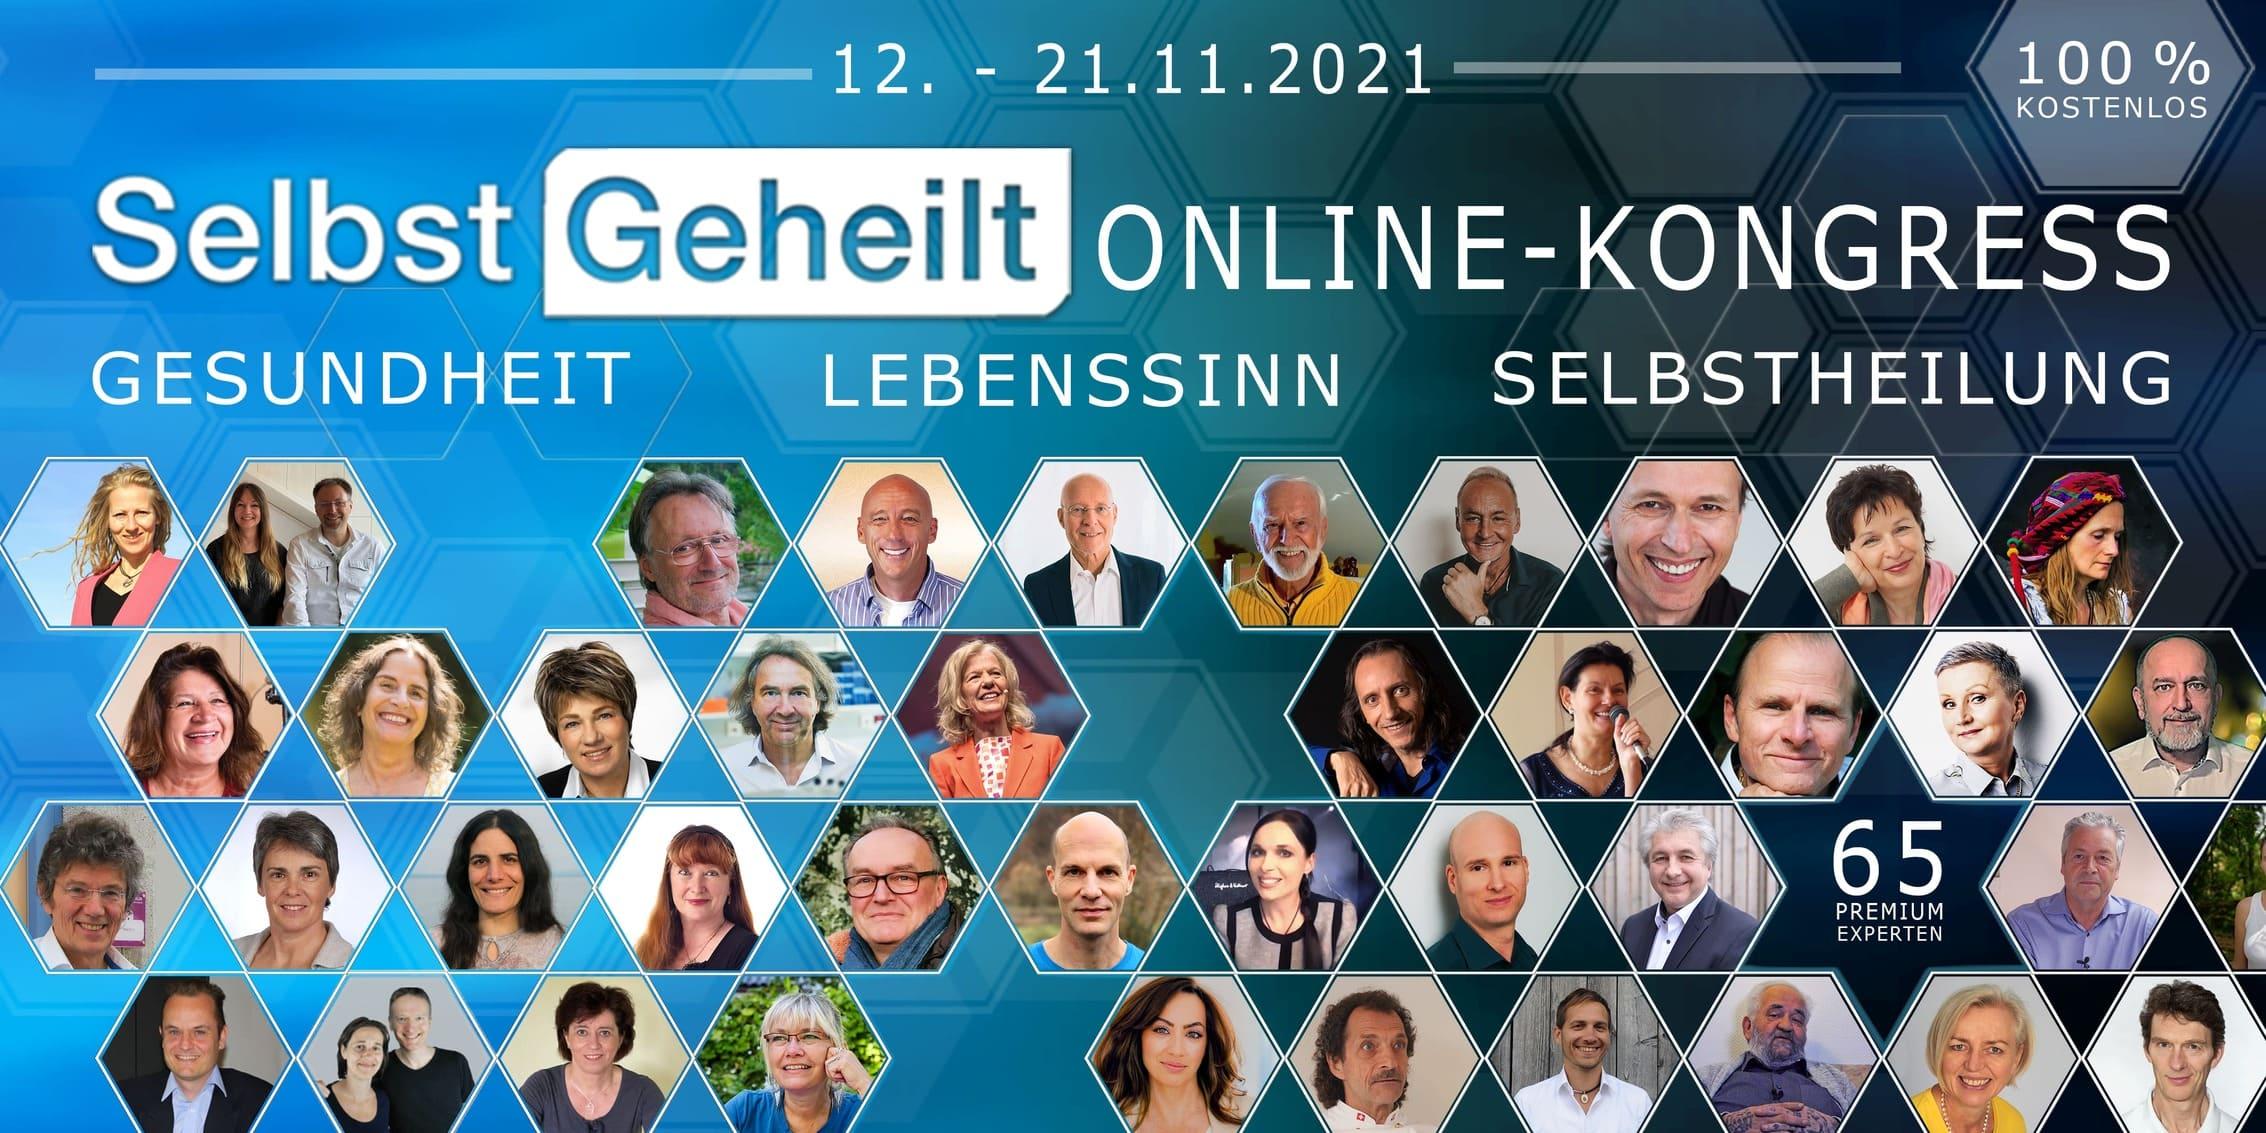 SelbstGeheilt - Online-Kongress von Stephan Petrowitschs